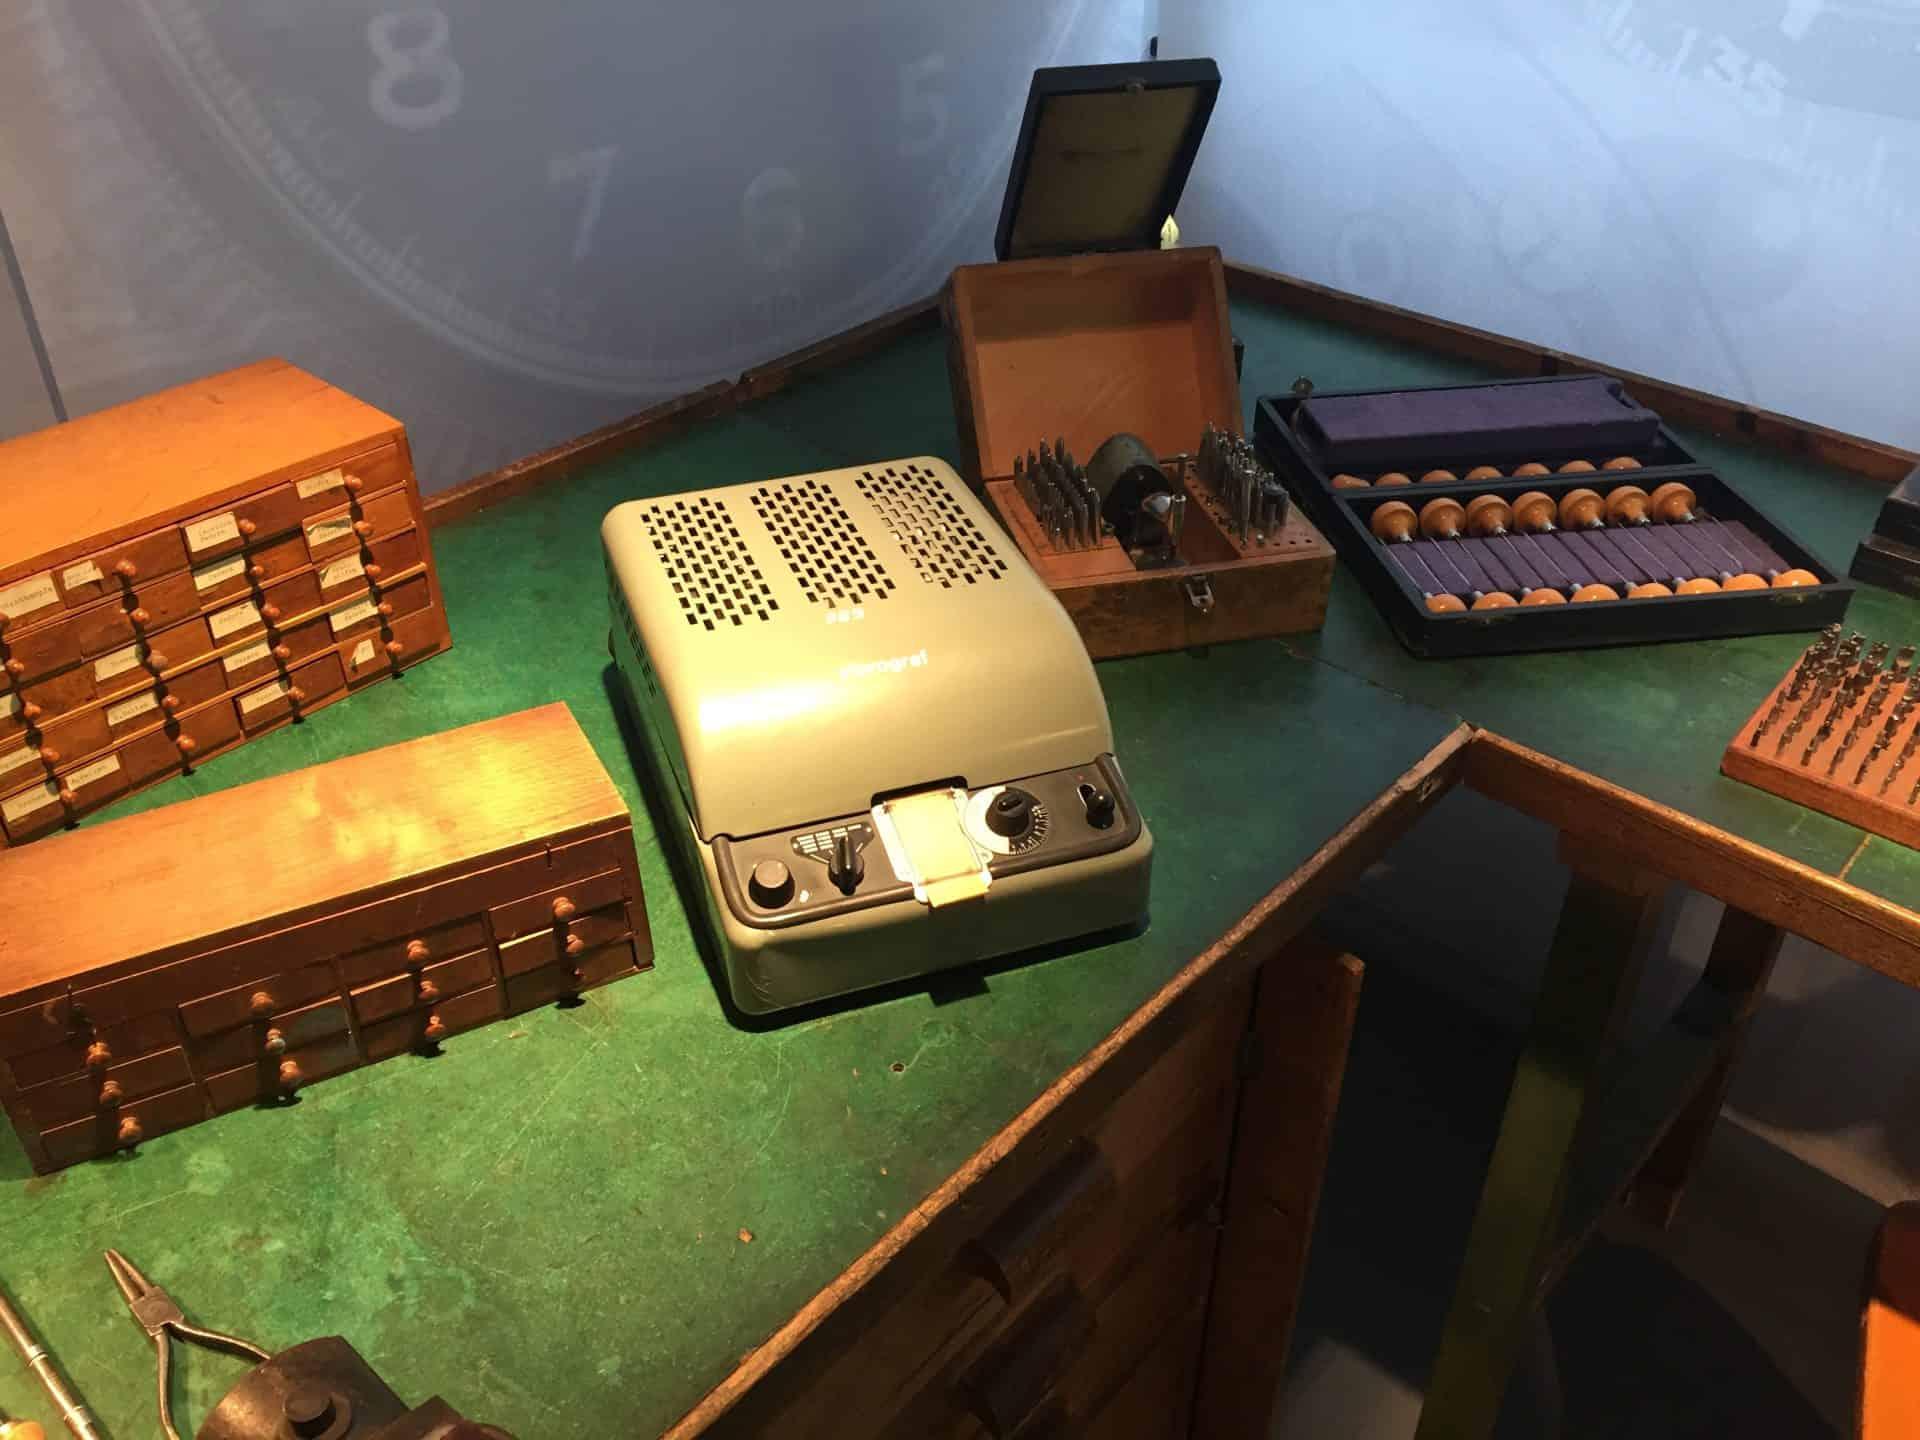 Hanhart Atelier 1950-er Jahre mit der quarzgetriebenen elektronischen Regulierung Foto (C) Uhrenkosmos